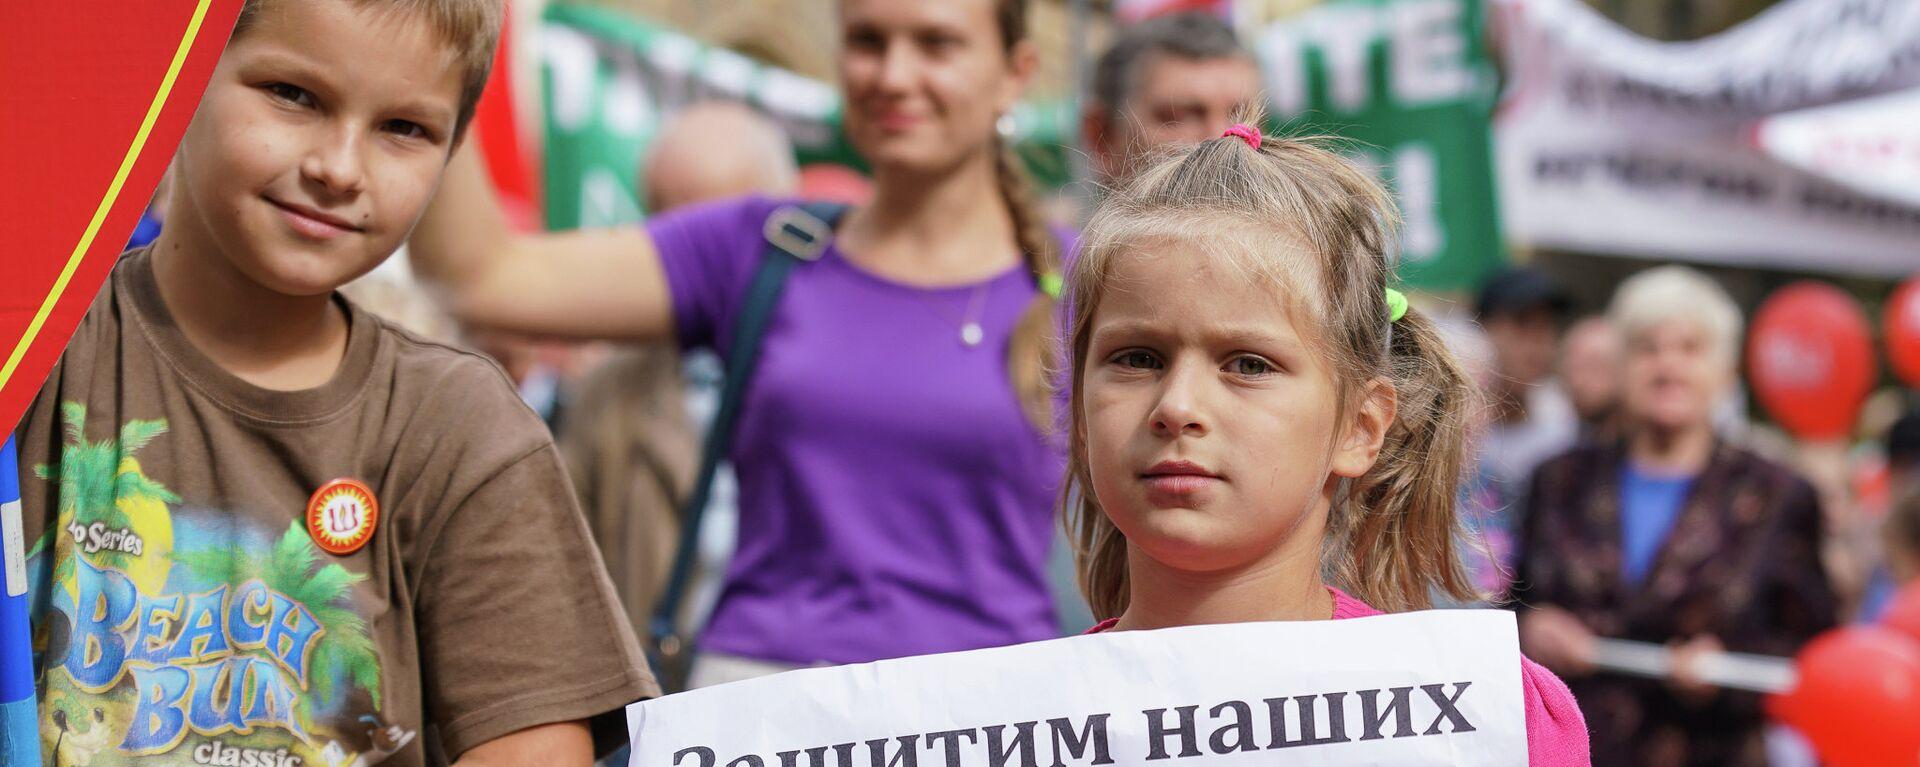 Марш в защиту русских школ Наш выбор. 15 сентября 2018 г. - Sputnik Латвия, 1920, 23.08.2019